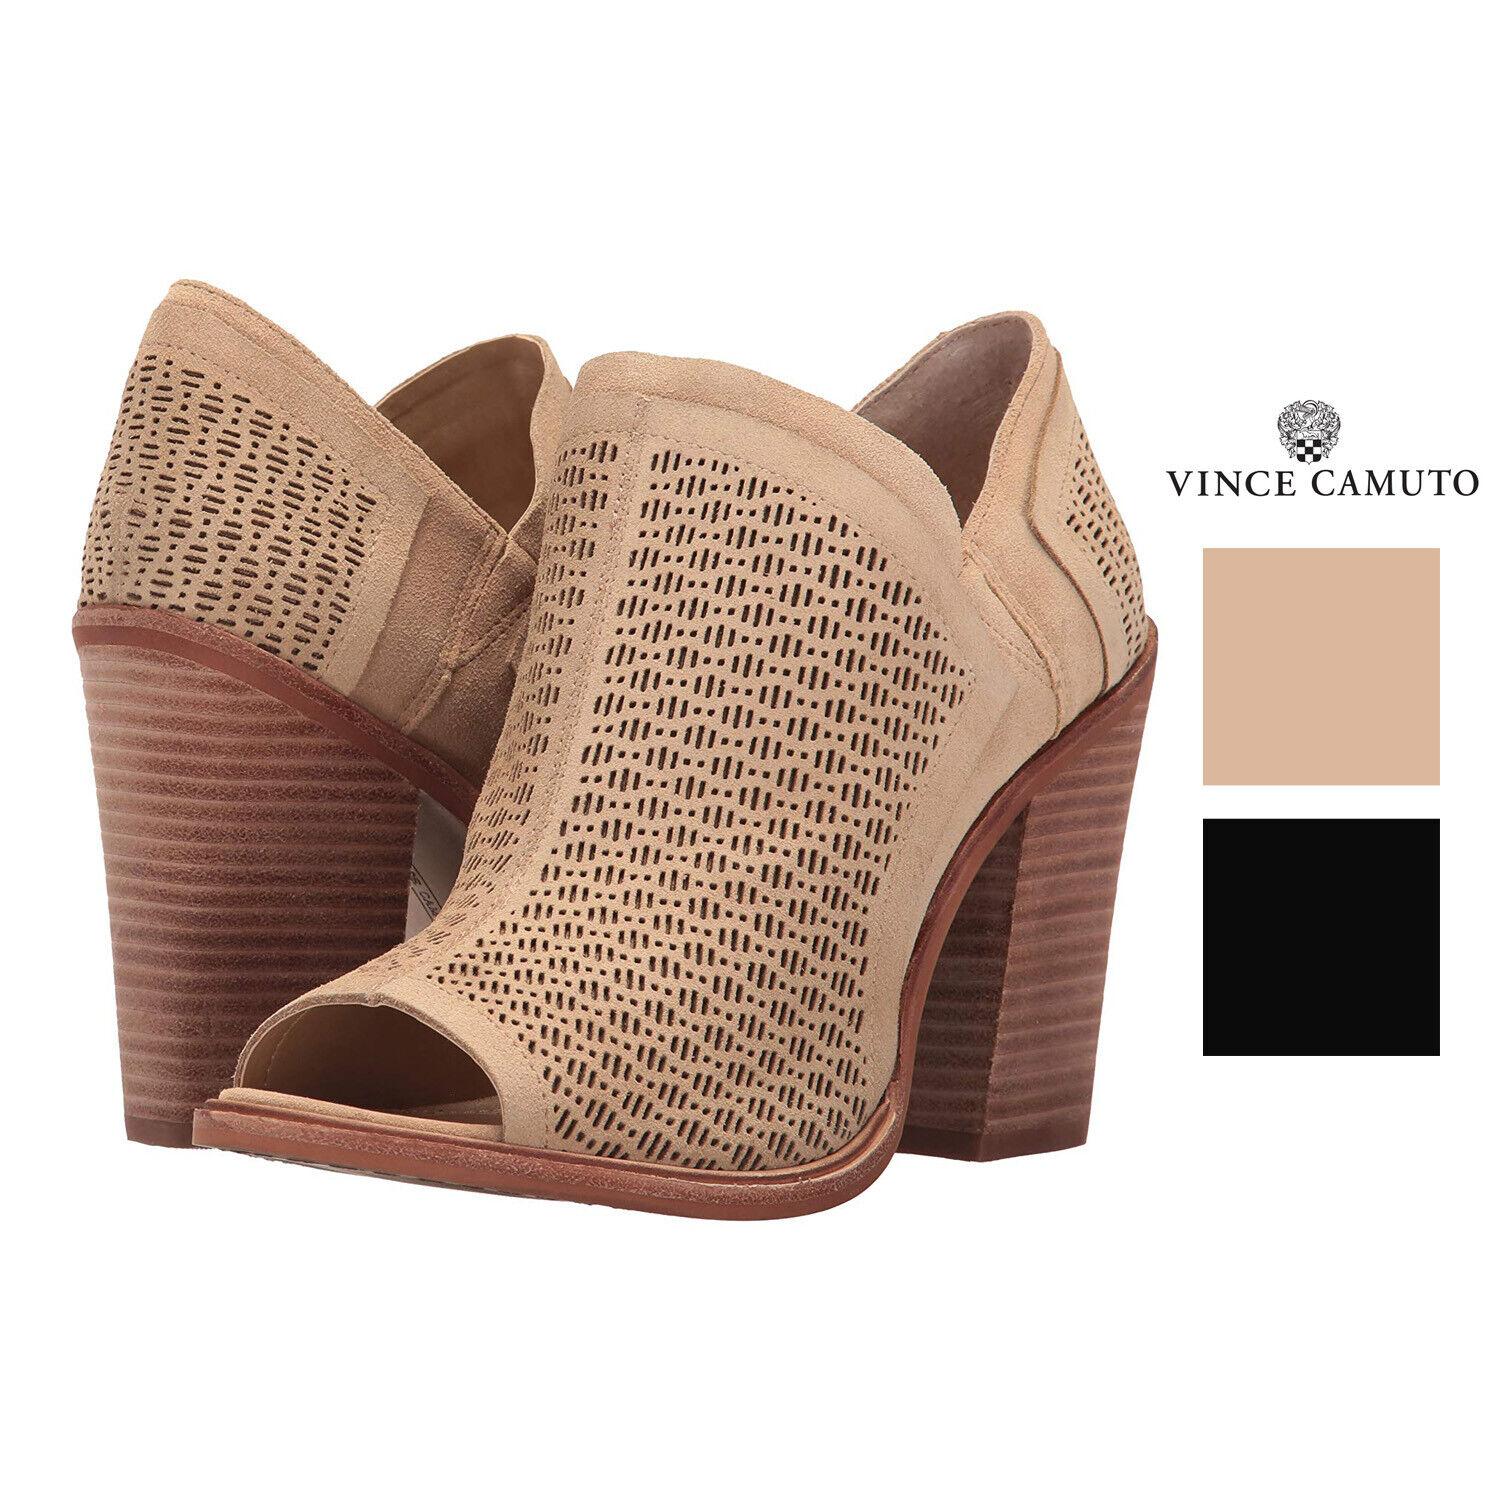 comodamente Vince Camuto donna KARINI Ankle avvio New With With With Defect  la migliore selezione di